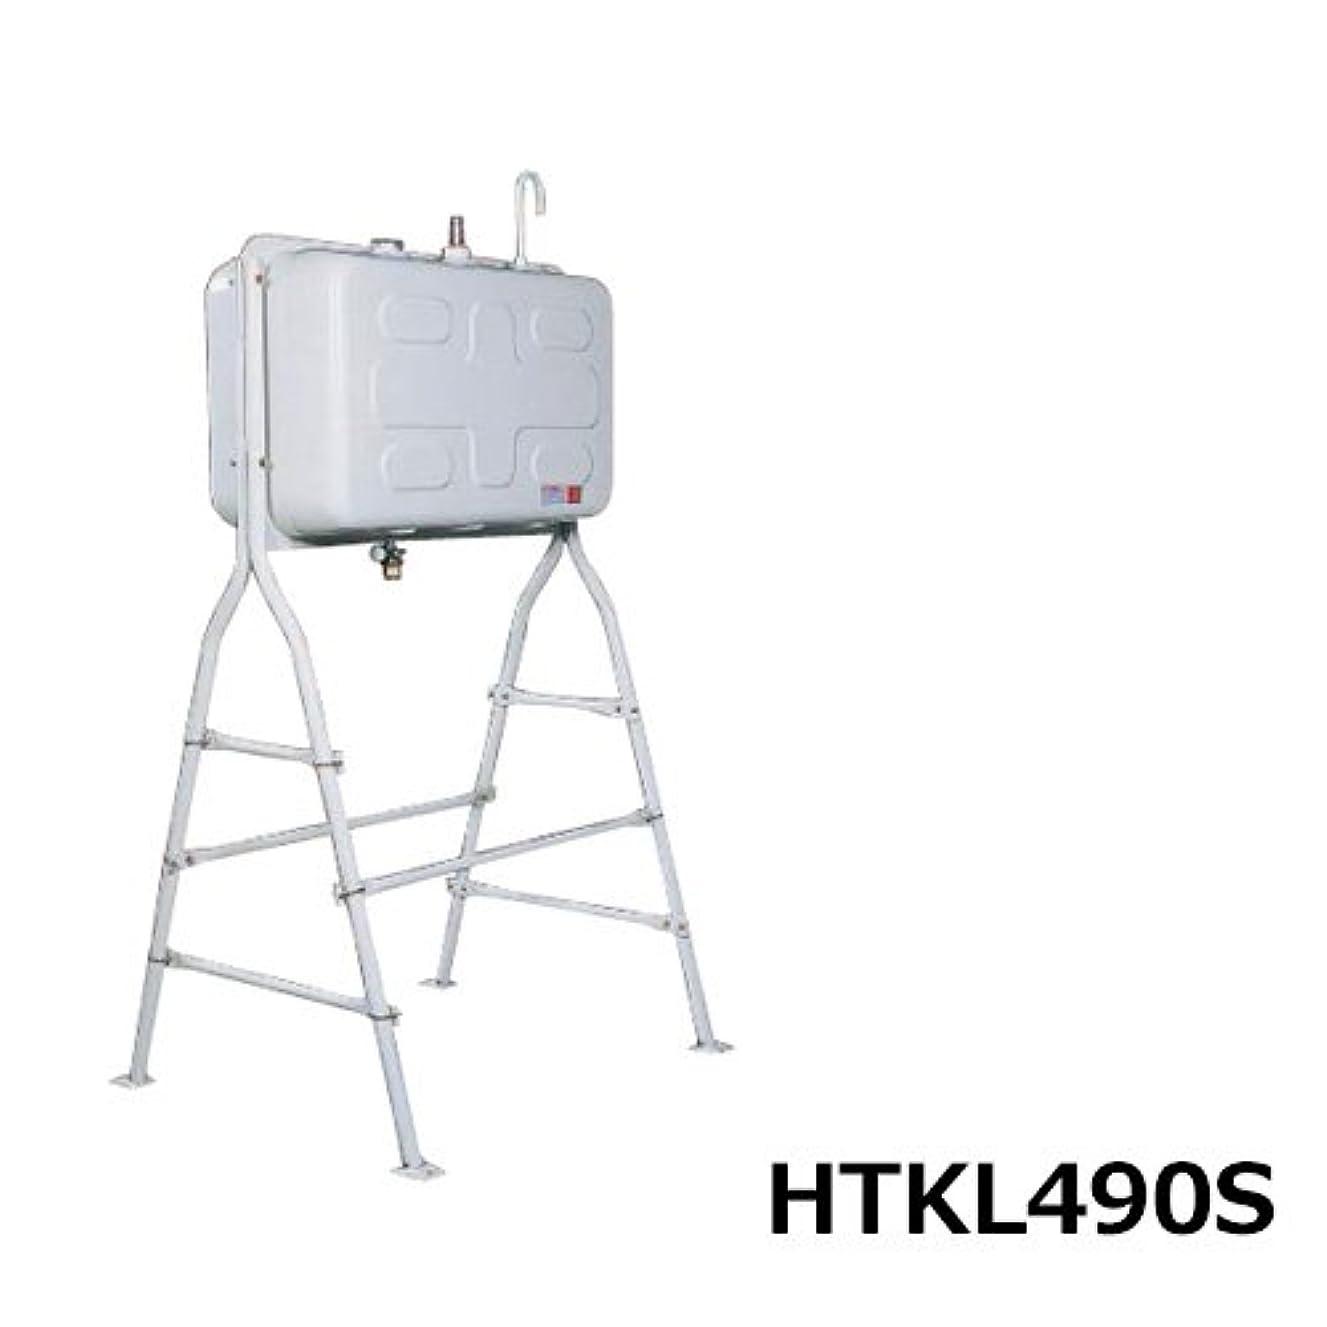 知り合い高架君主制屋外用ホームタンク 490型 長脚 HTKL490S 3ウェイストレーナー付